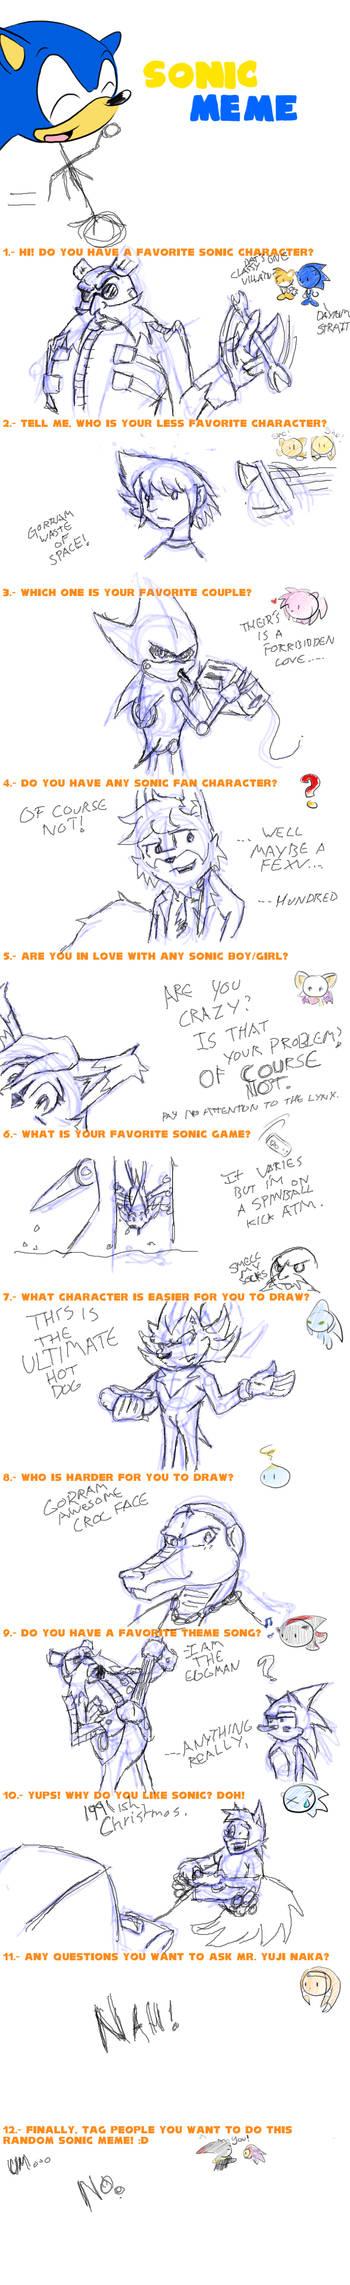 Sonic Meme of Boredom